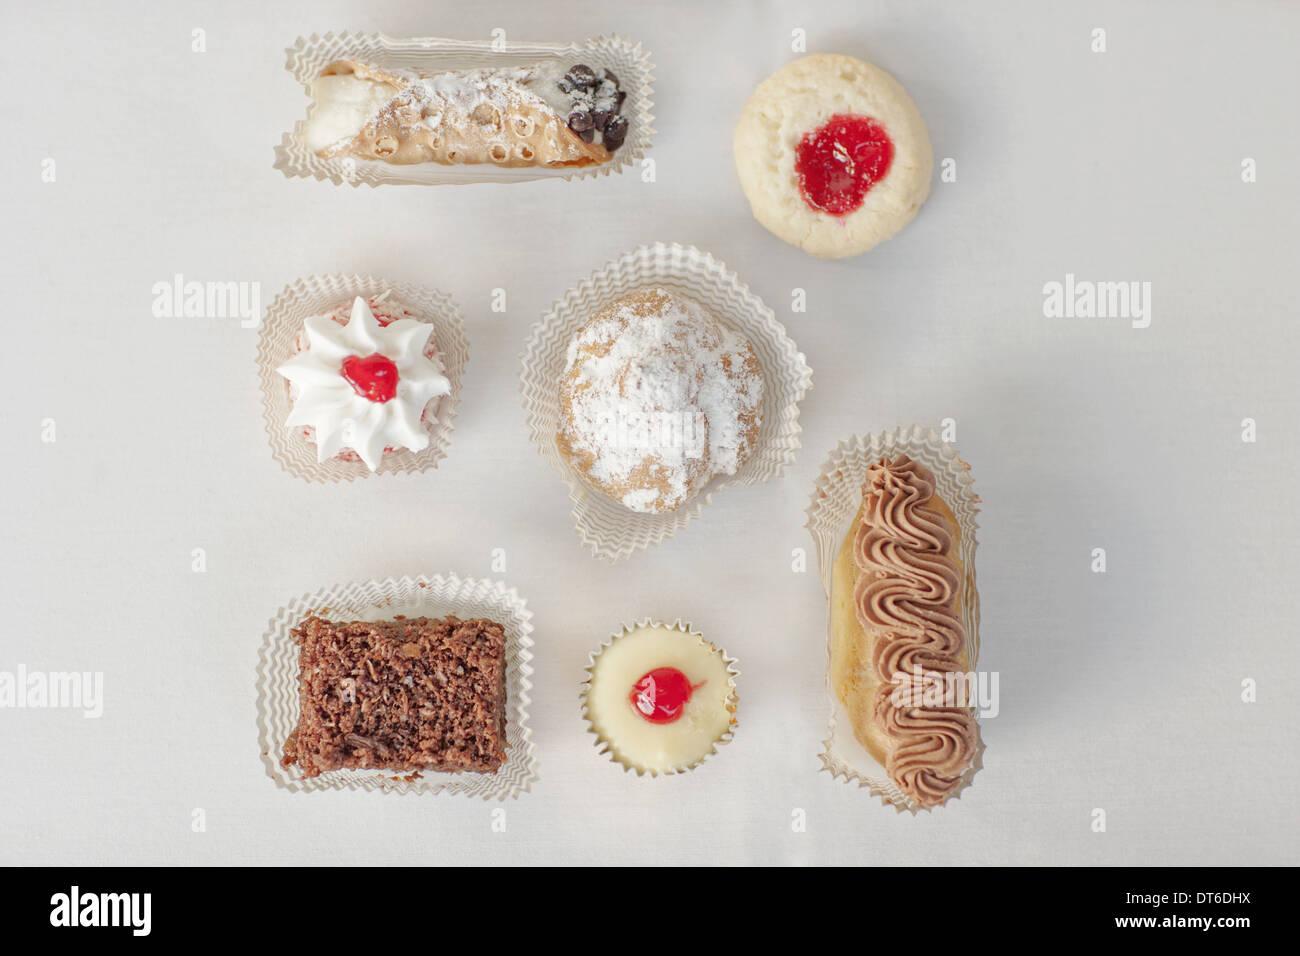 Una selezione di dessert di partito, cibo organico, e prelibati dolci e pasticcini. Immagini Stock